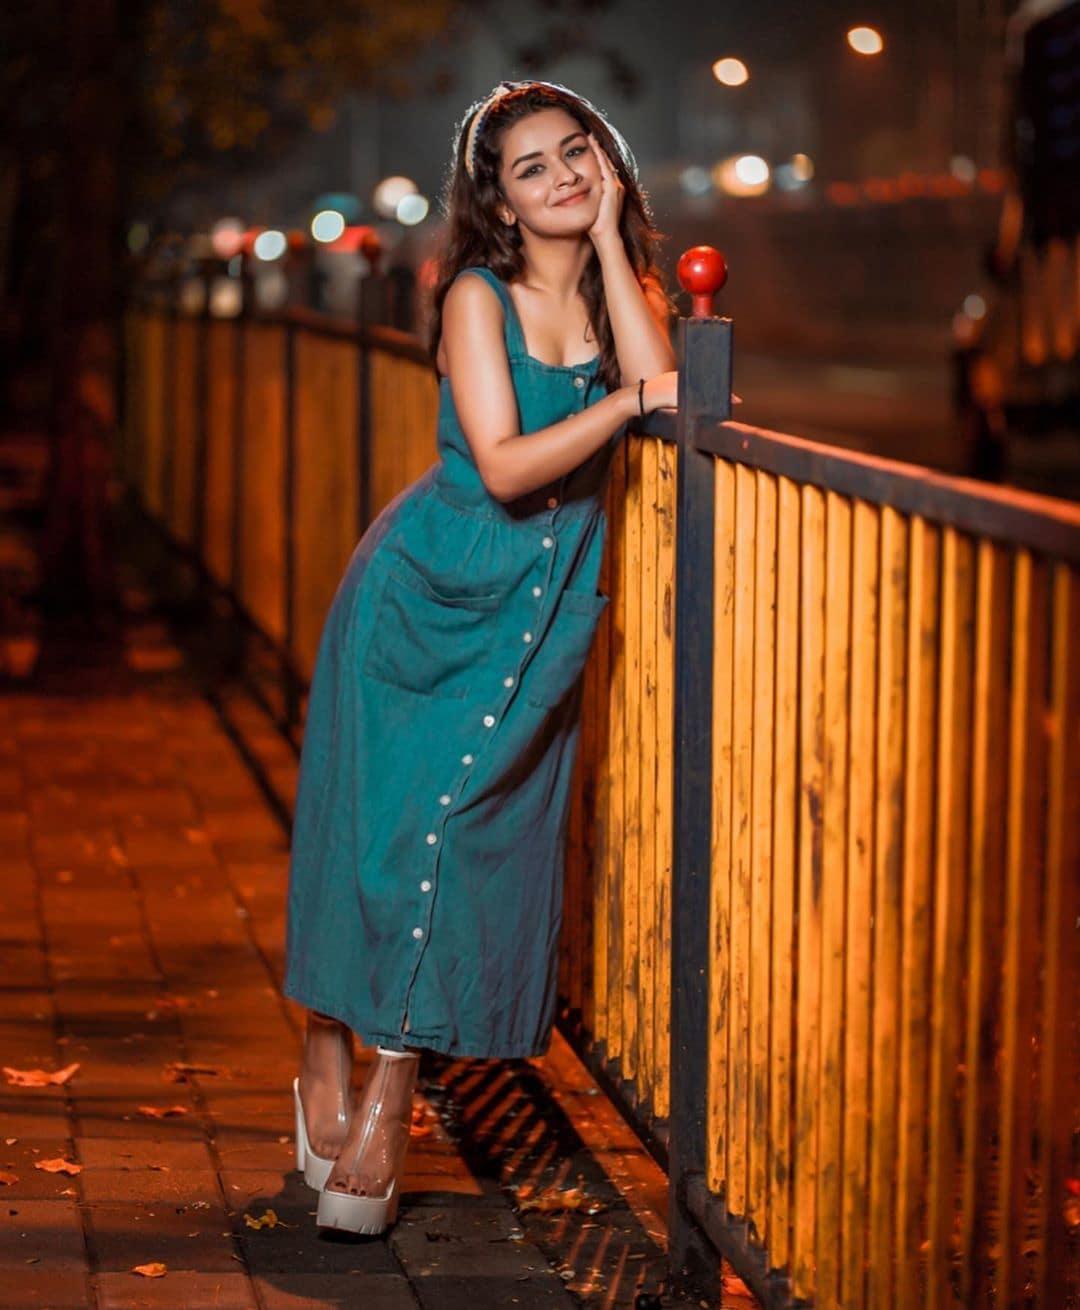 అవనీత్ కౌర్ క్యూట్ స్టిల్ (Image : instagram - avneetkaur_13)